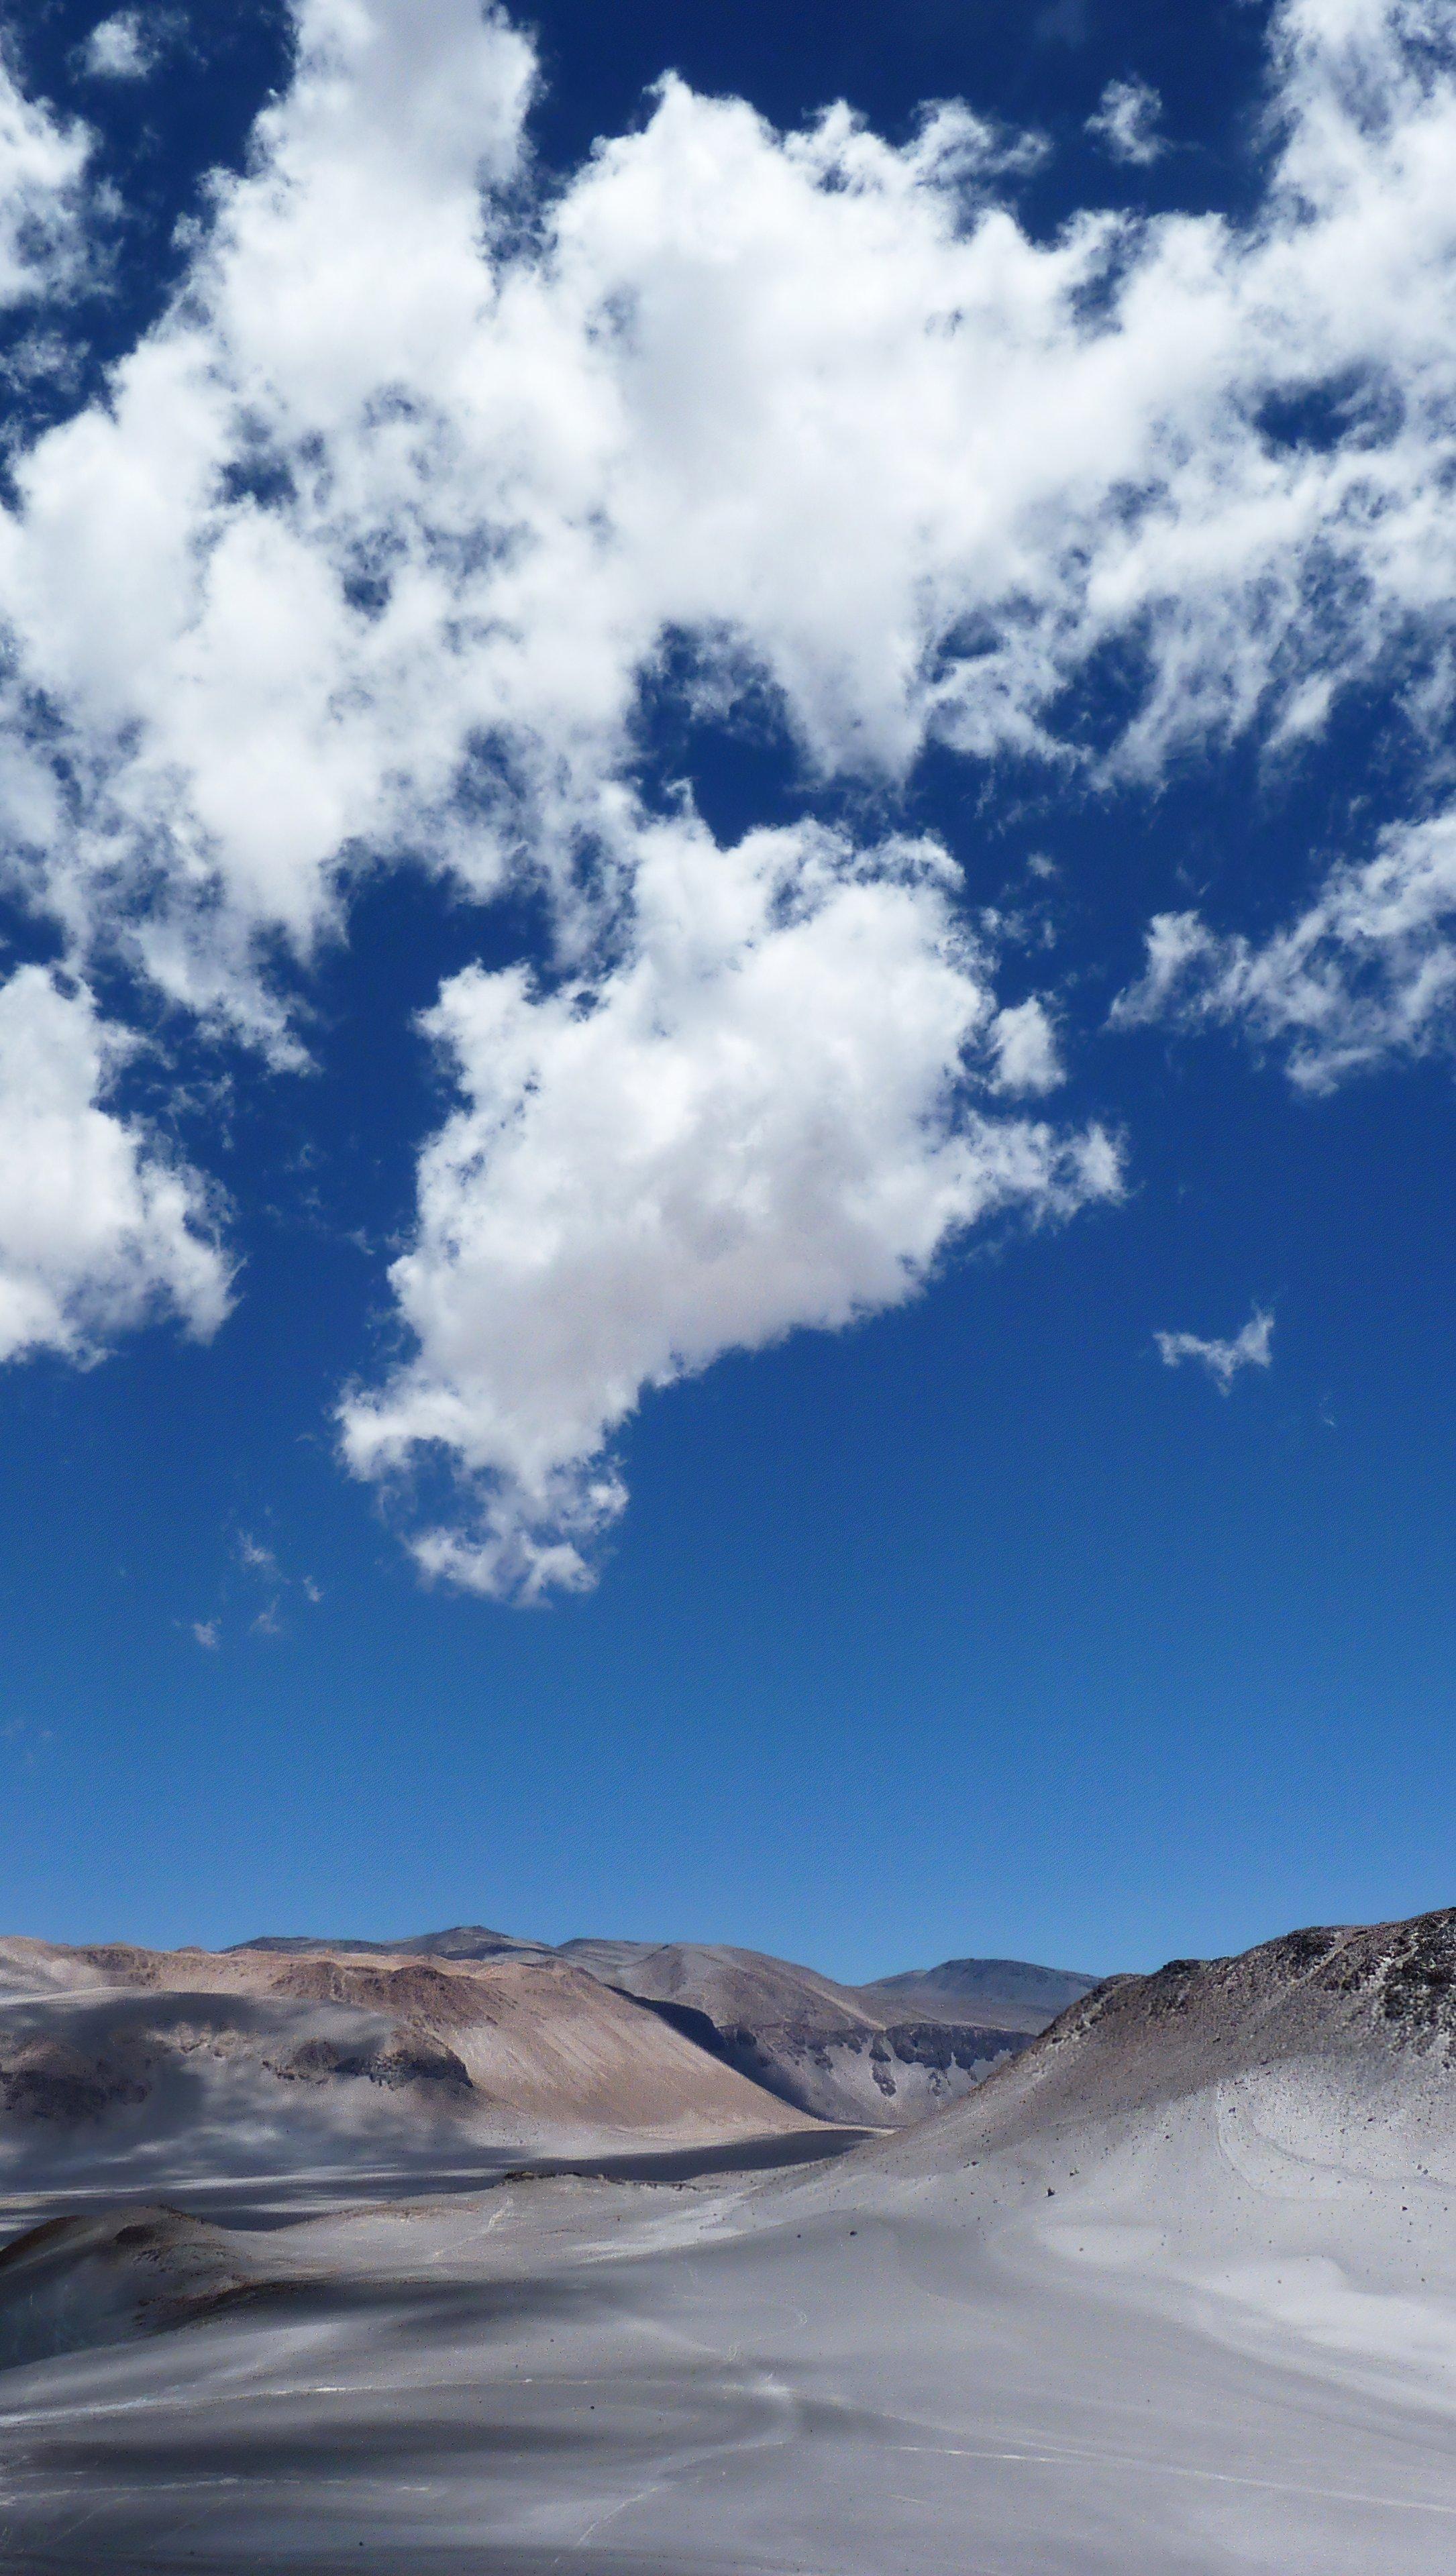 Wallpaper Desert Mountains Vertical